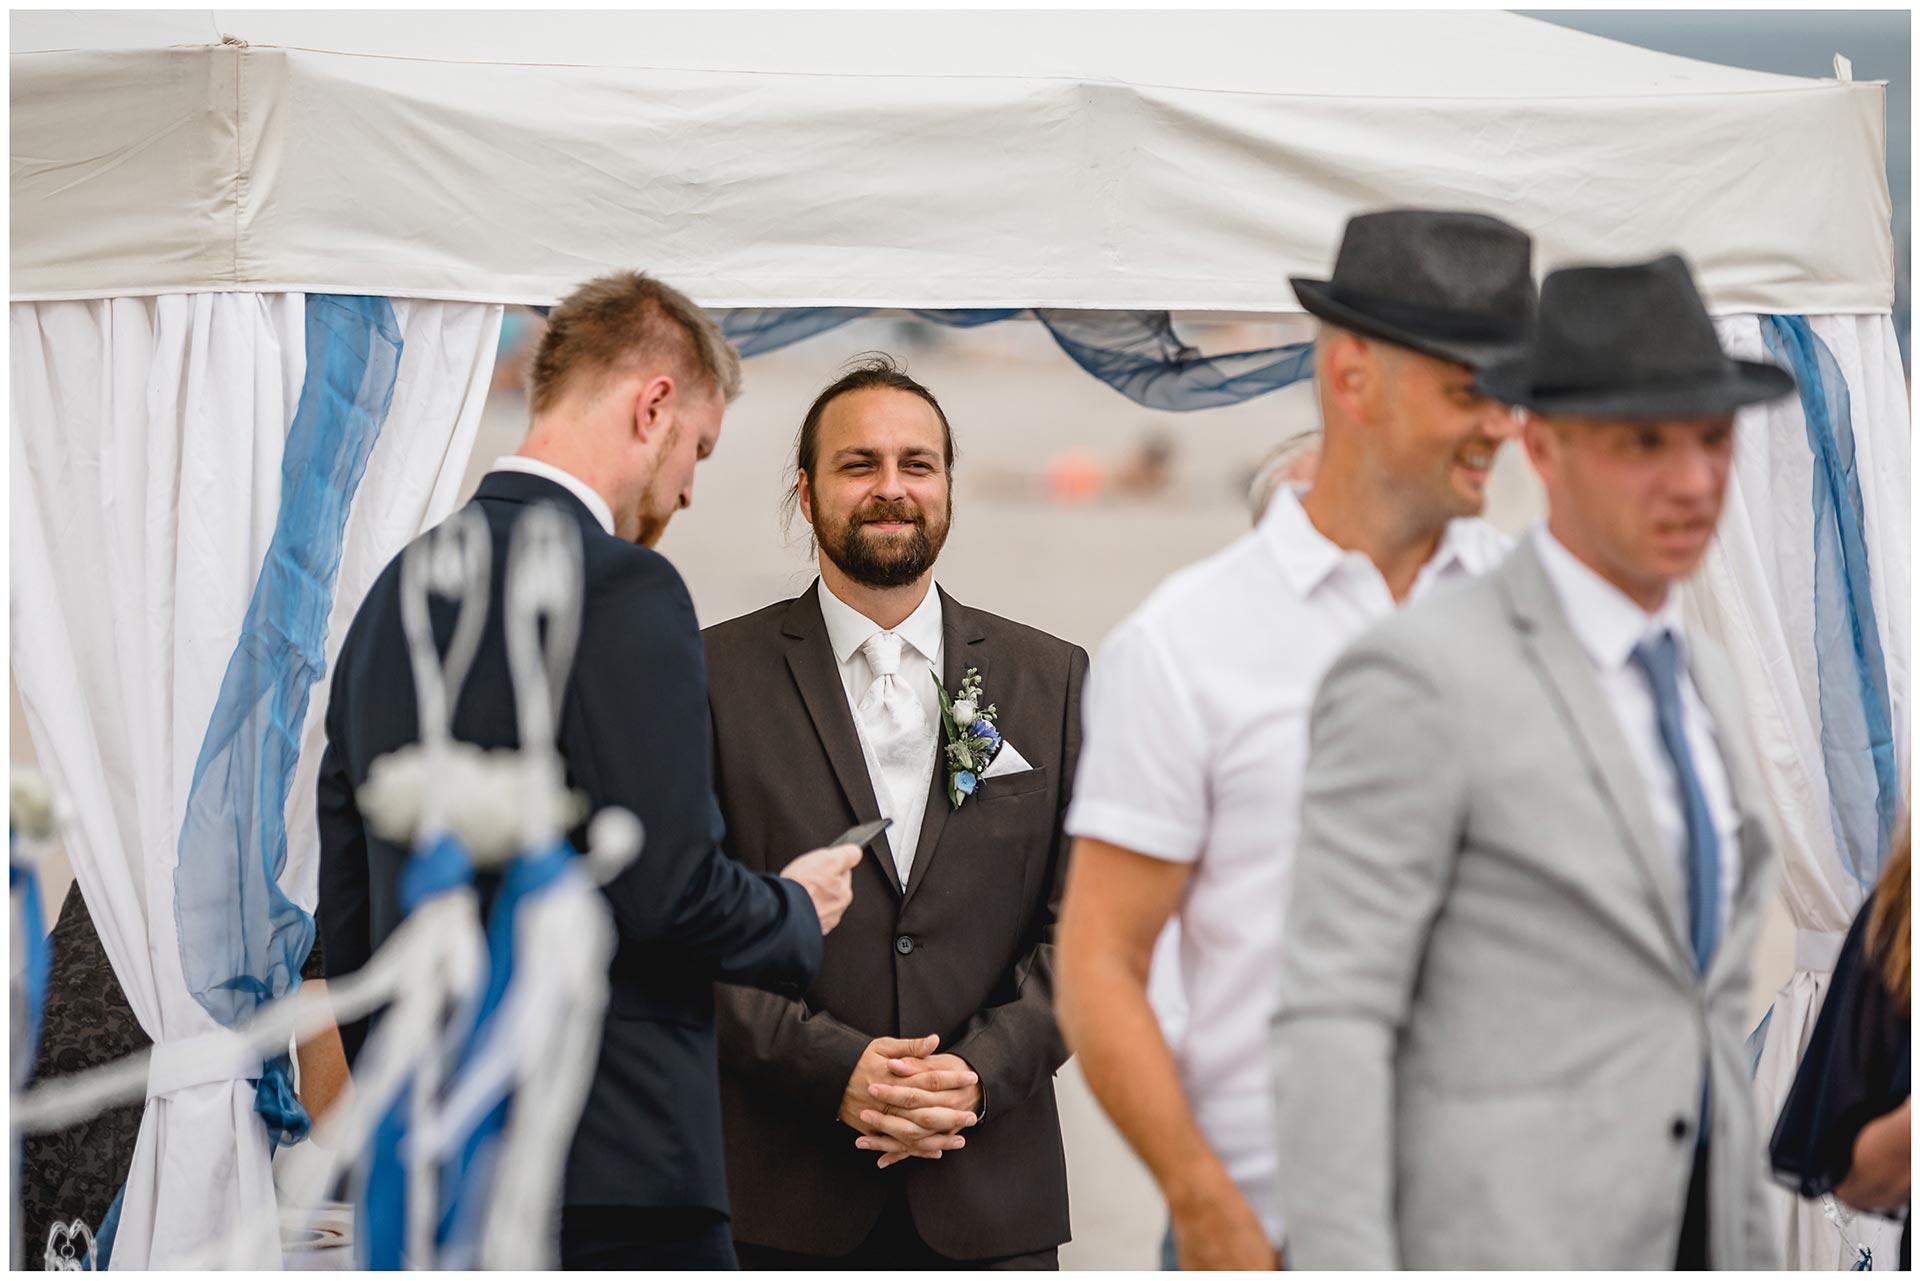 Braeutigam-schaut-laechelnd-seiner-kommenden-Frau-entgegen-Hochzeitsfotograf-Warnemuende-Hochzeitsfotograf-Rostock-Hochzeitsfotograf-Ostseebad-Warnemuende